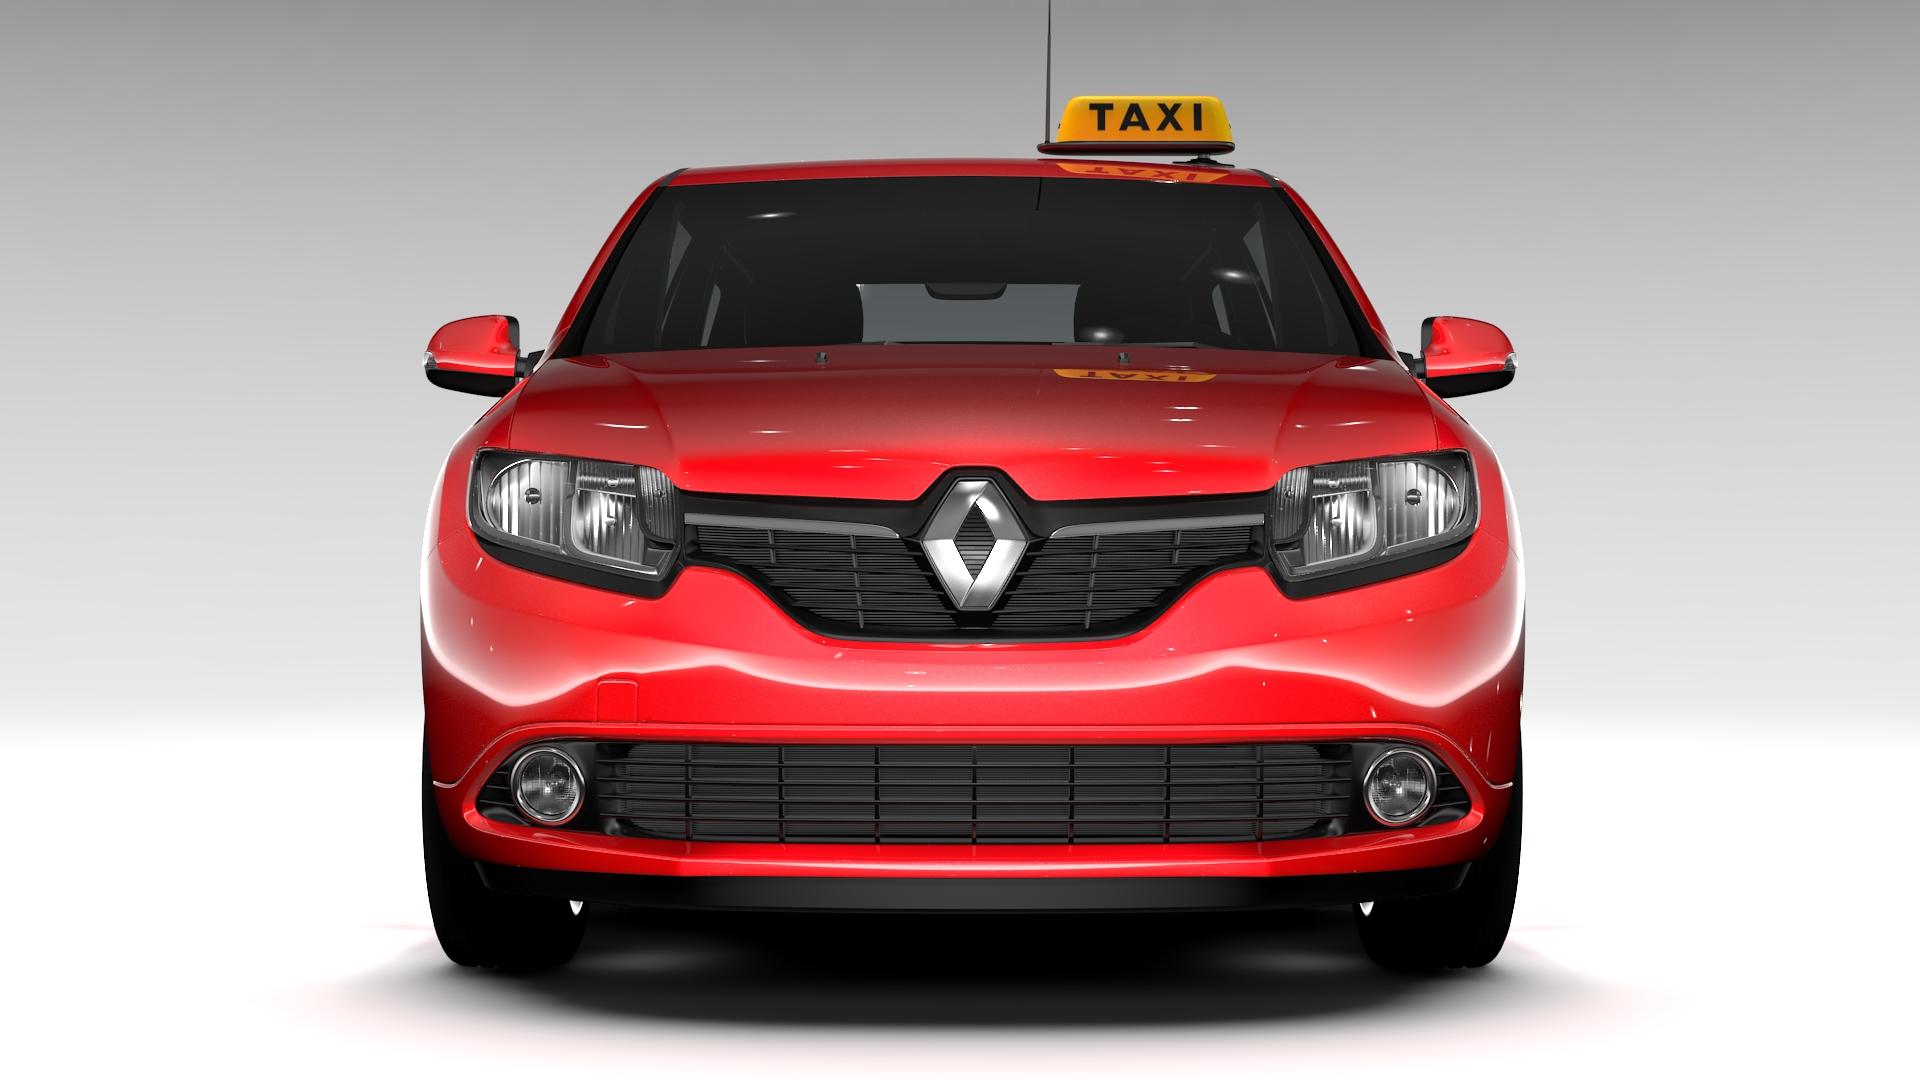 renault logan mcv taxi 2016 3d model 3ds max fbx c4d lwo ma mb hrc xsi obj 221279